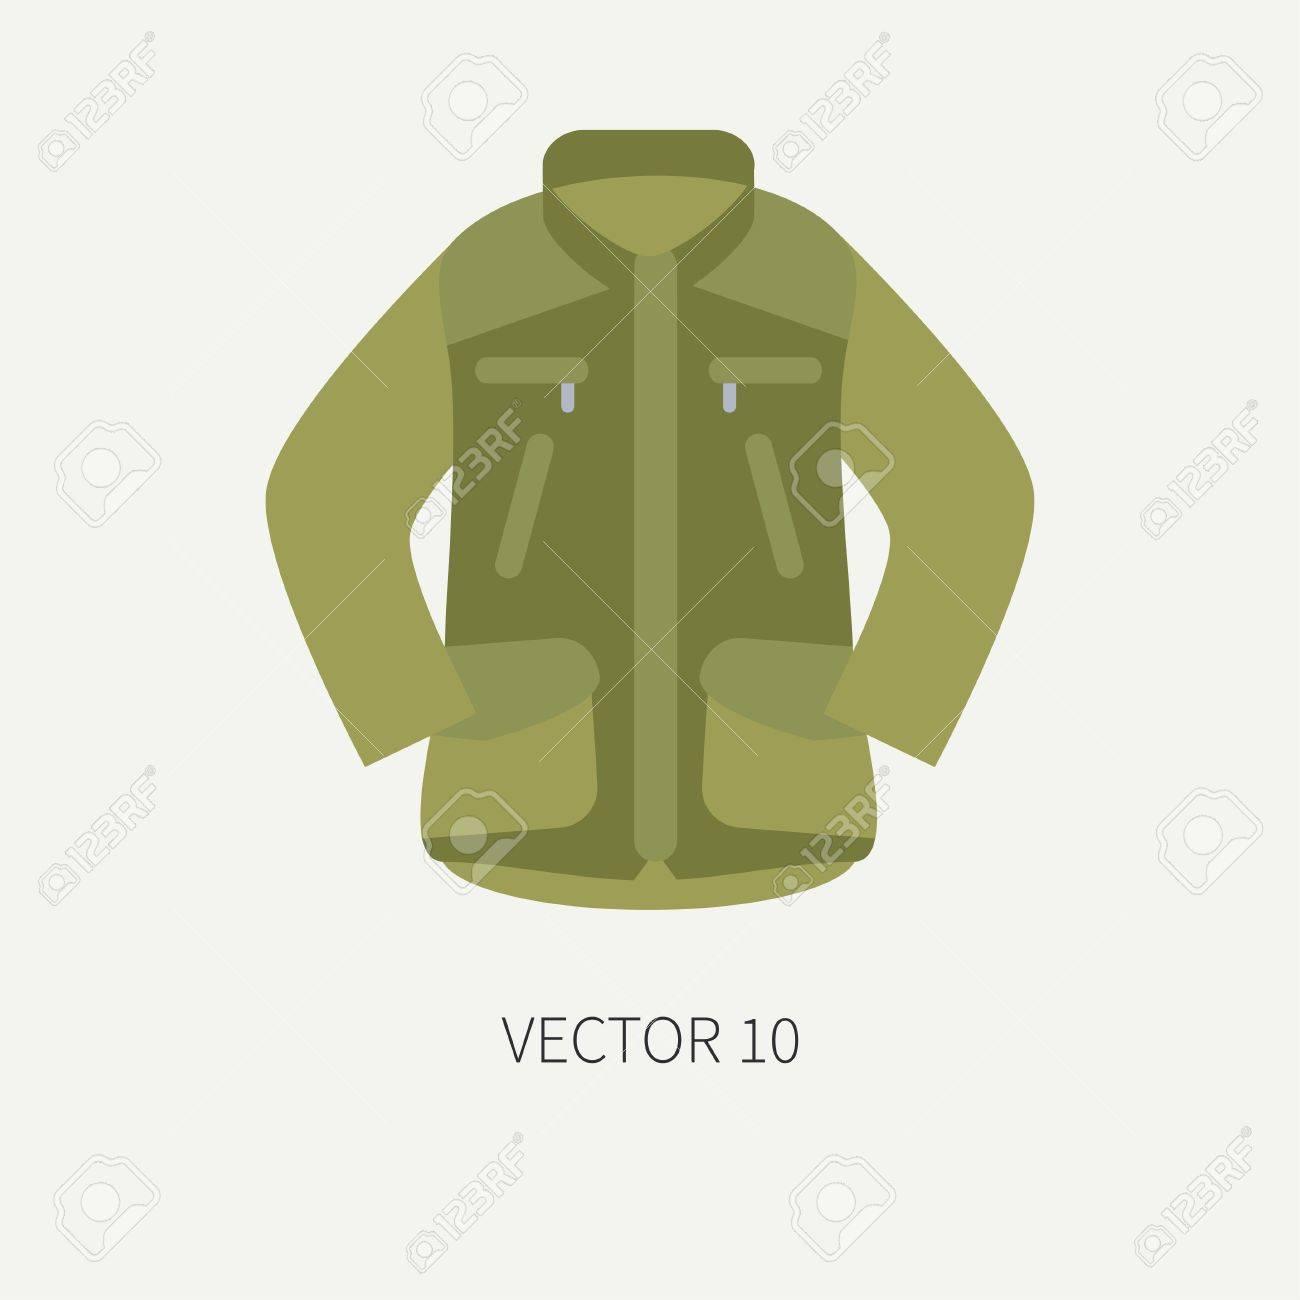 Caza De Vector De Color De Azulejo De Línea Y Chaqueta De Color Caqui Icono  De Camping. Equipo De Cazadores 907c6ca97d8